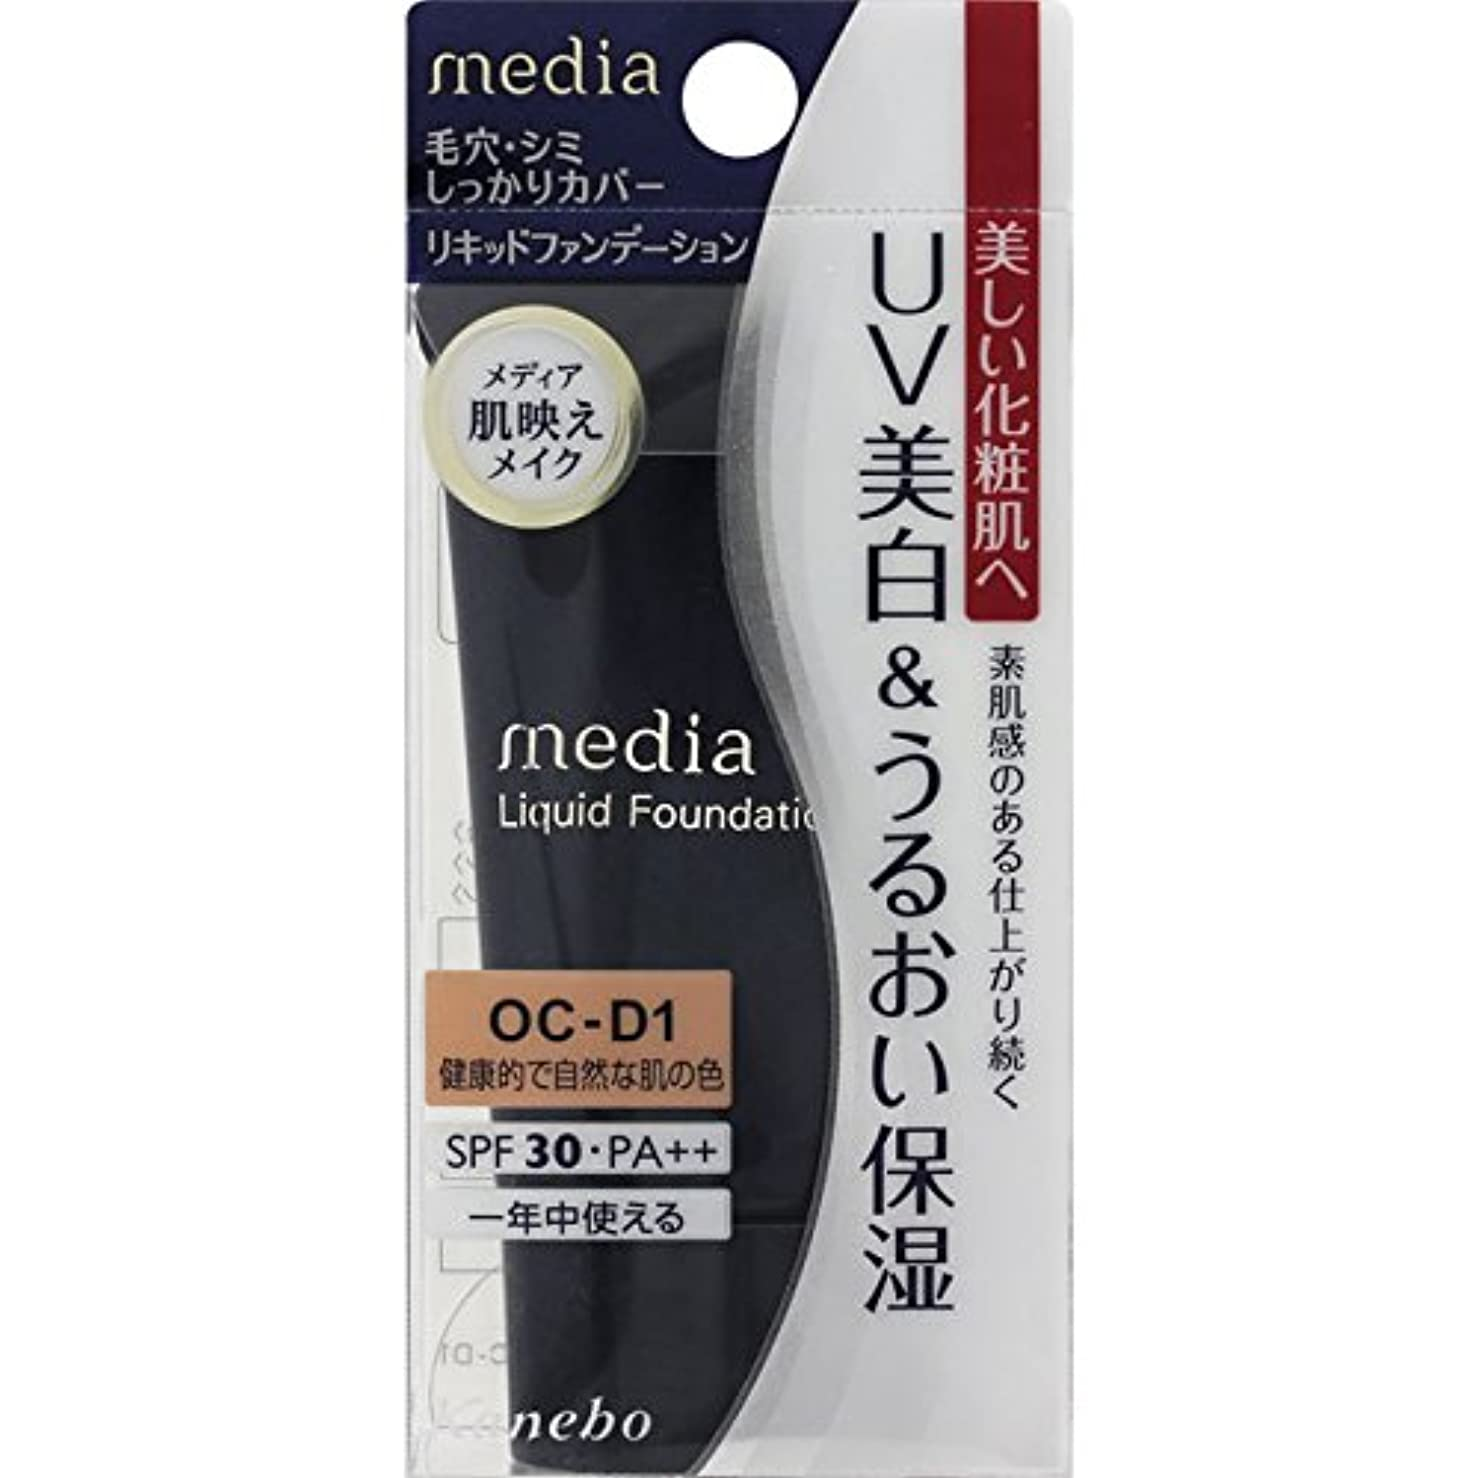 クラス応用アラブカネボウ メディア(media)リキッドファンデーションUV カラー:OC-D1